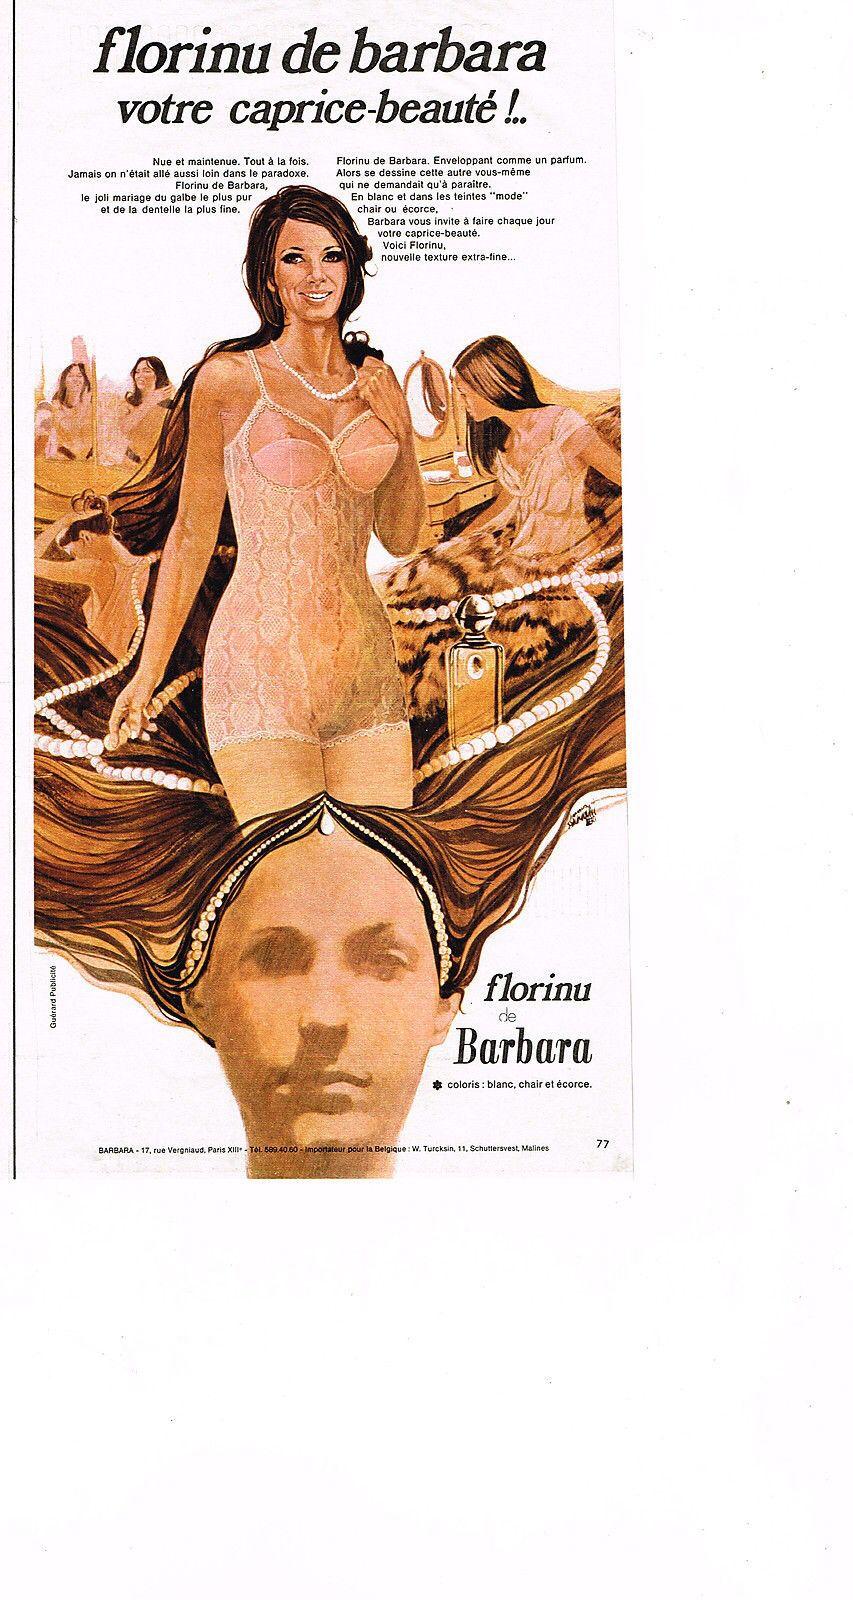 florinu combiné barbara 1970